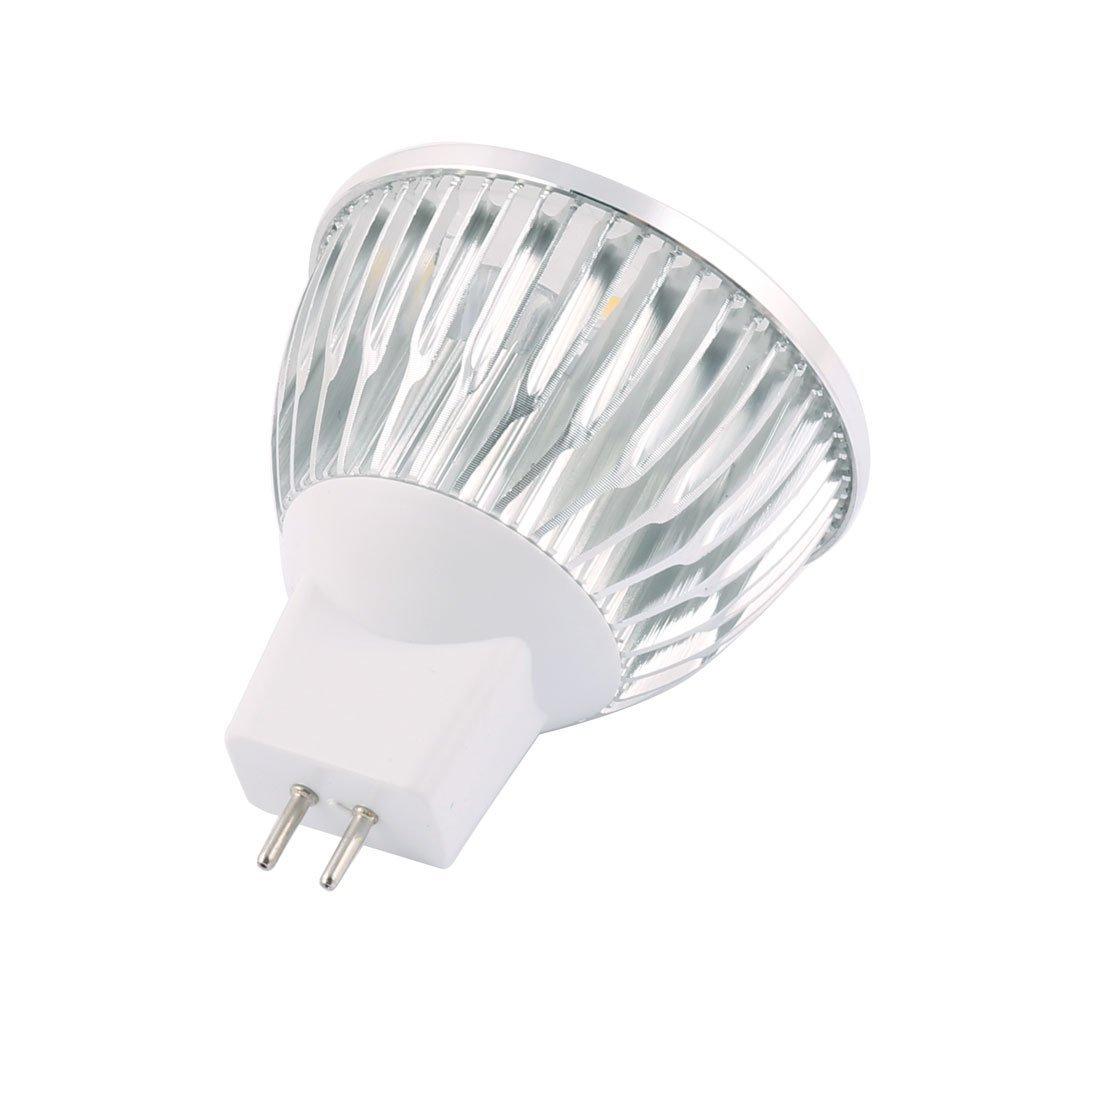 eDealMax DC 12V 4W MR16 4 LED ultra brillante COB bulbo del proyector de Downlight ahorro de energía blanco puro - - Amazon.com